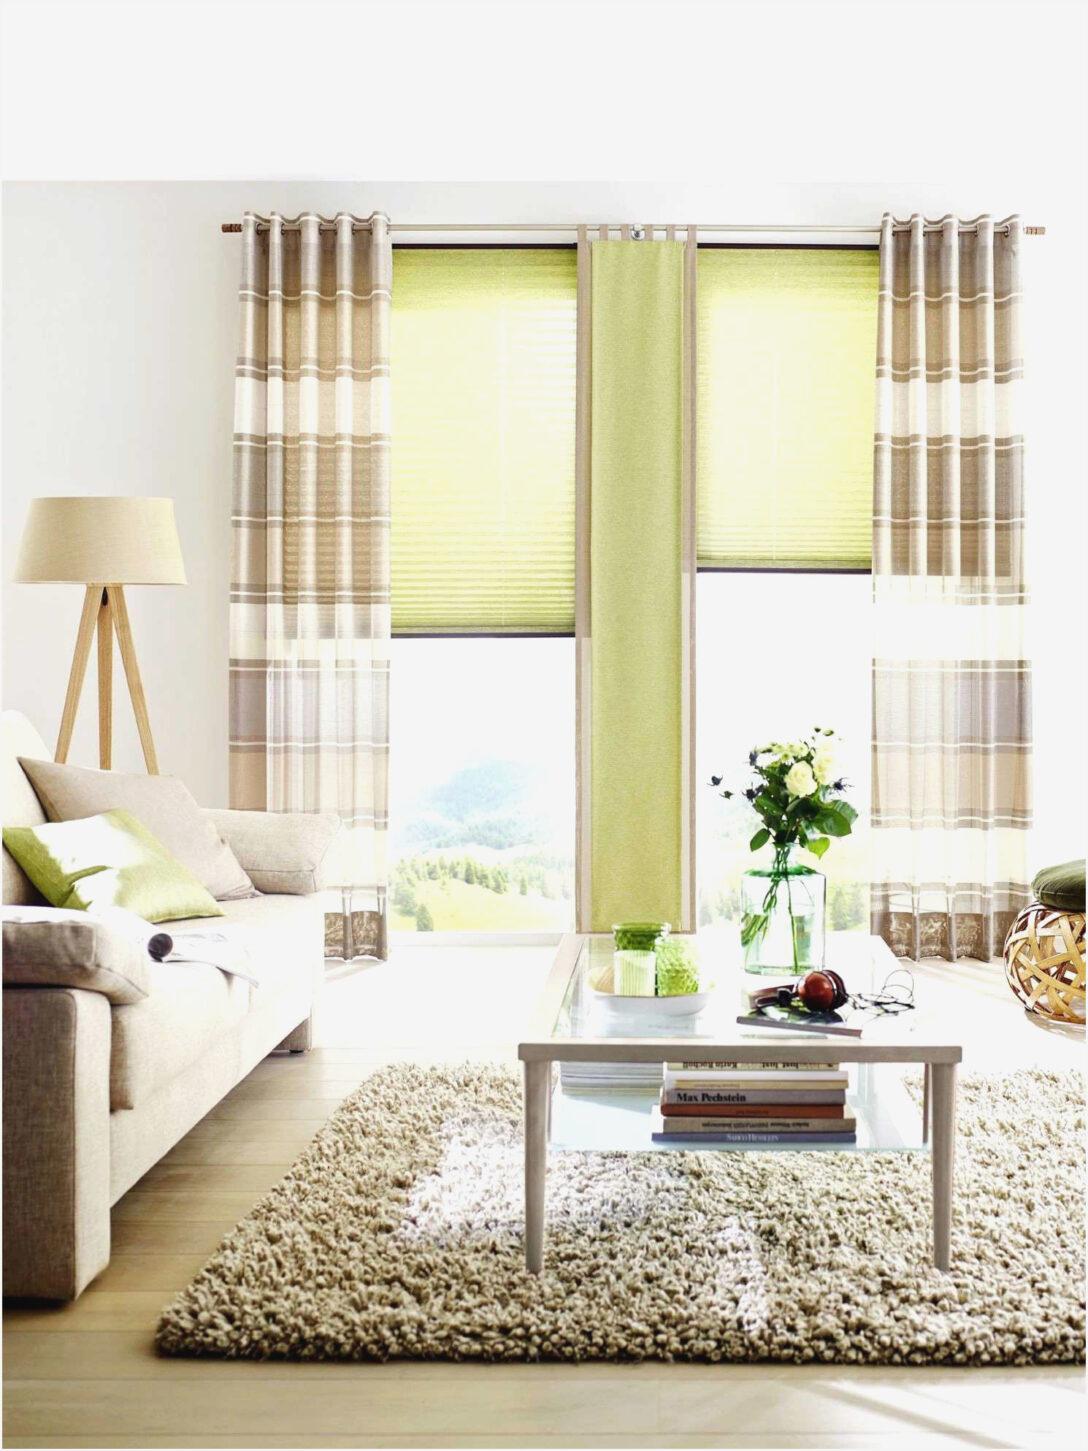 Large Size of Gardinen Nähen Für Küche Wohnzimmer Fenster Scheibengardinen Die Schlafzimmer Wohnzimmer Gardinen Nähen